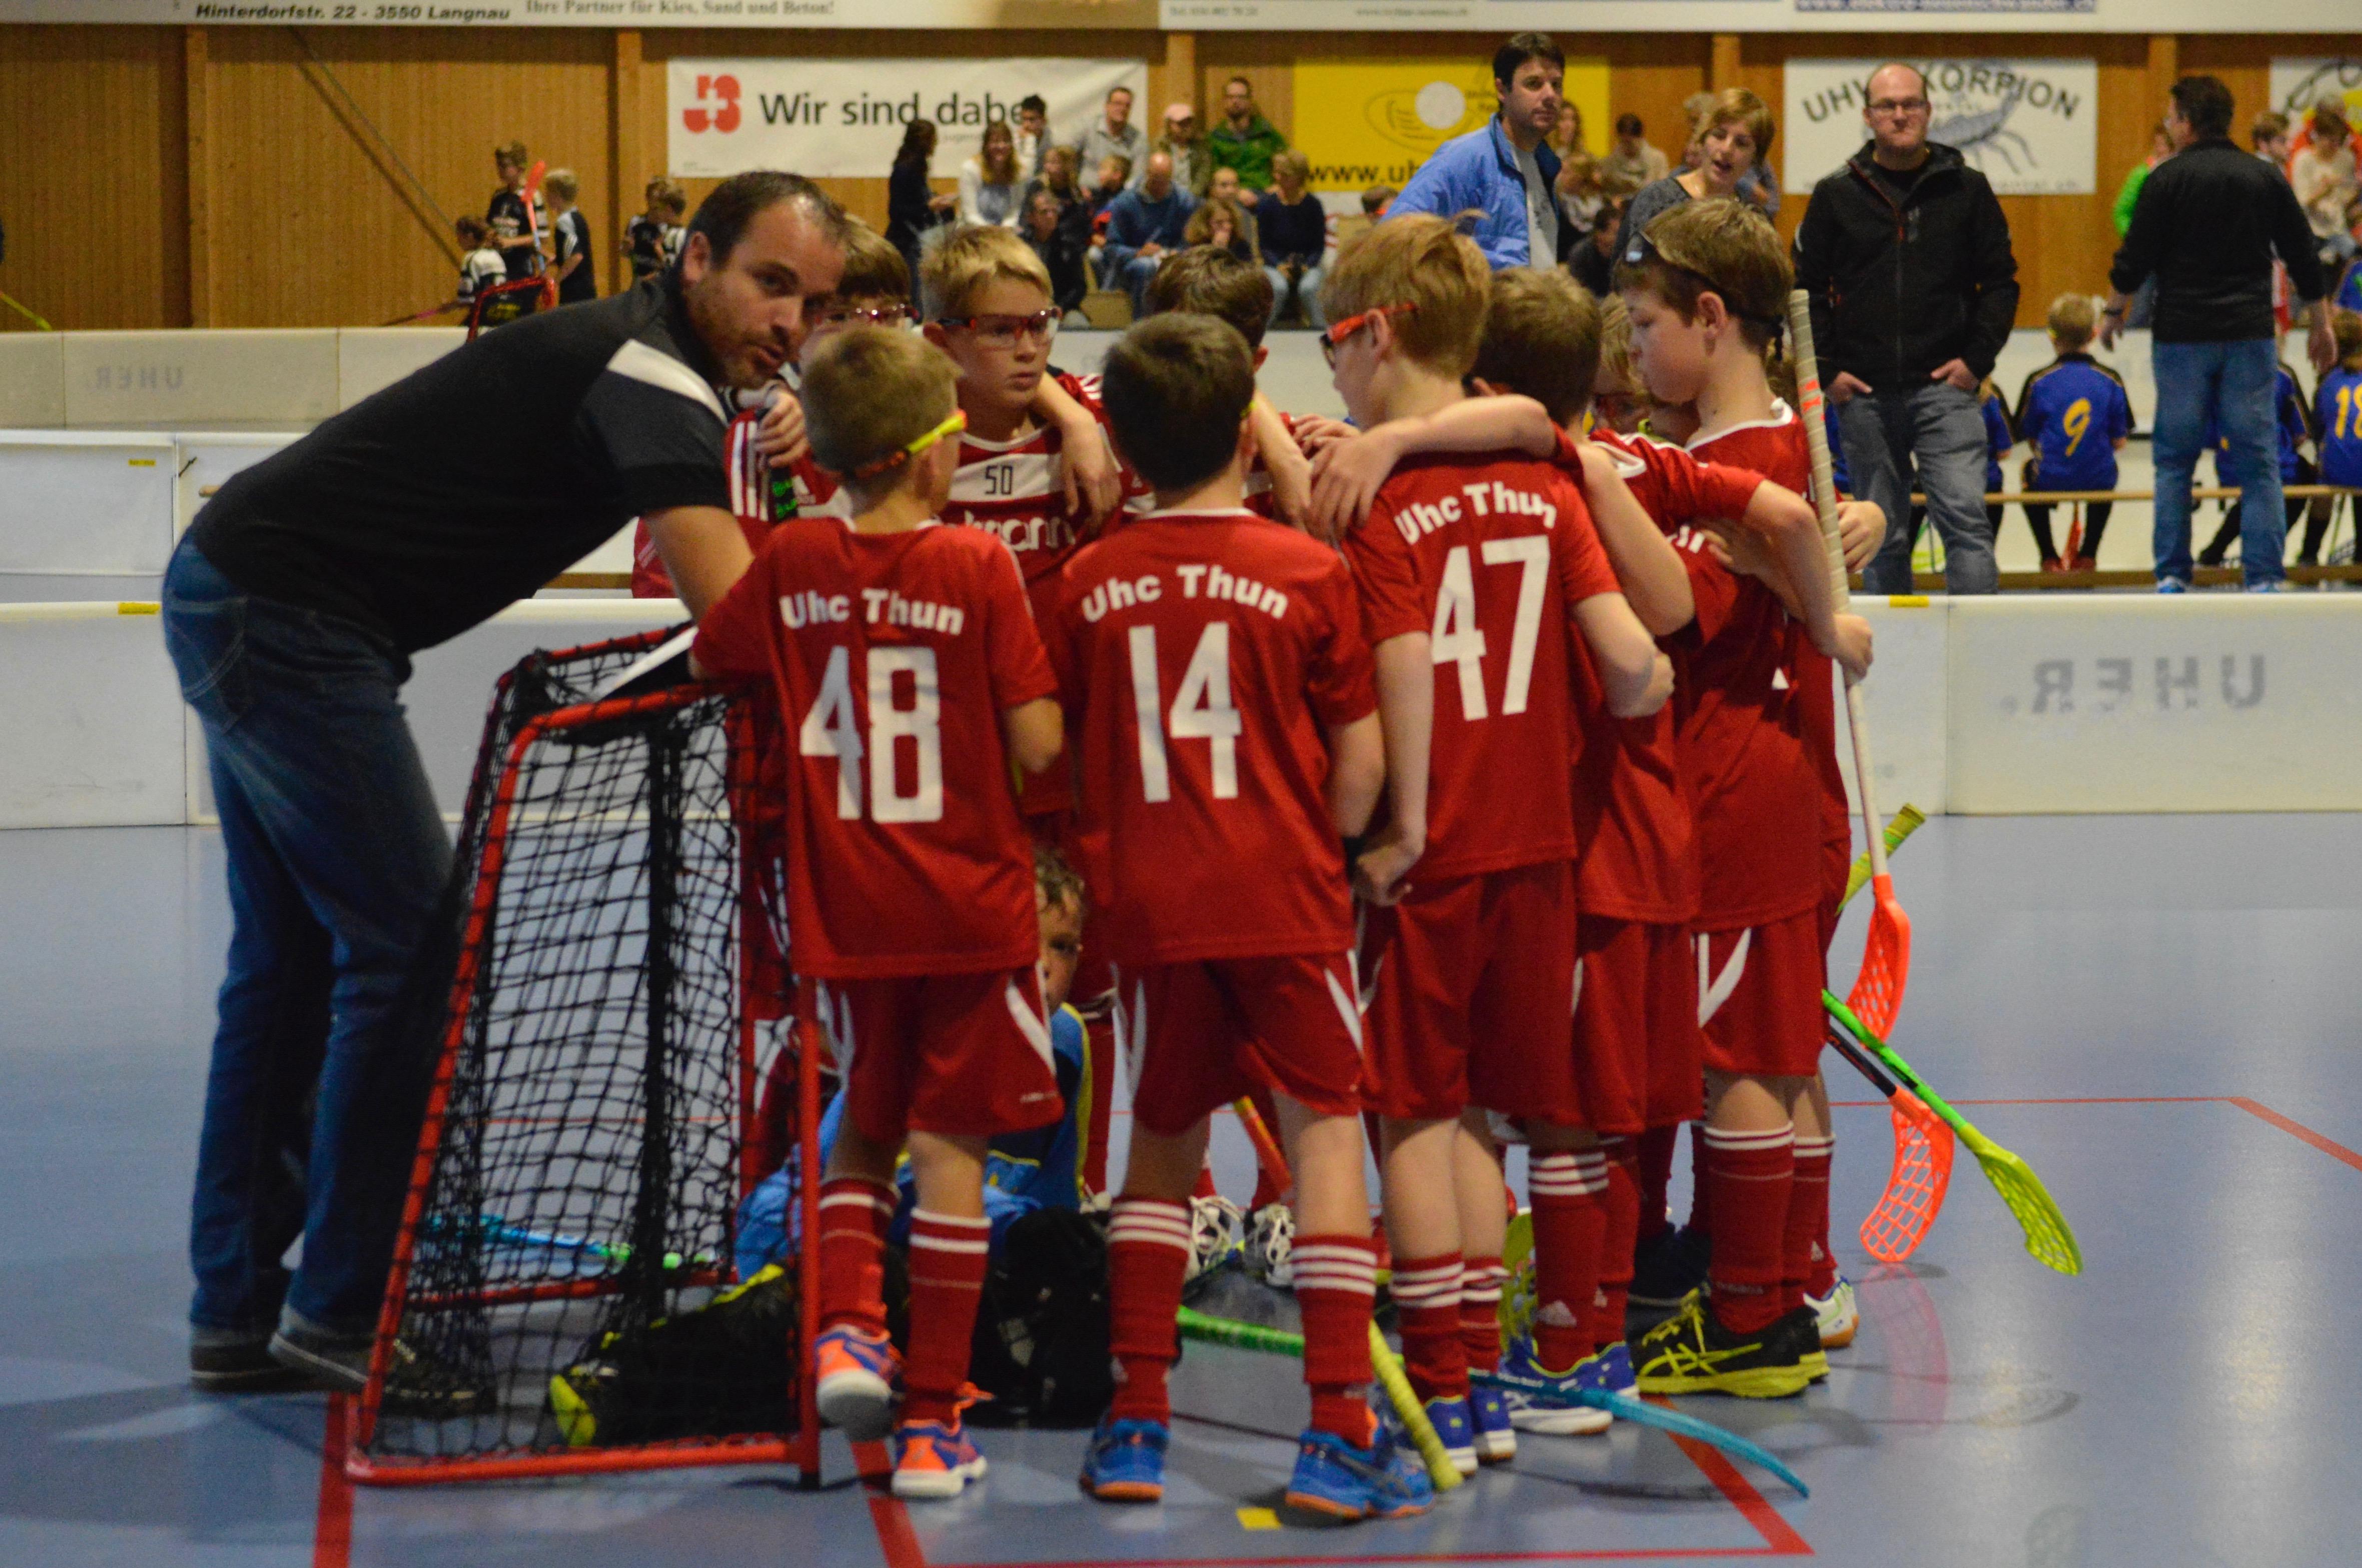 Junioren EI - UHC Thun II Saison 2017/18